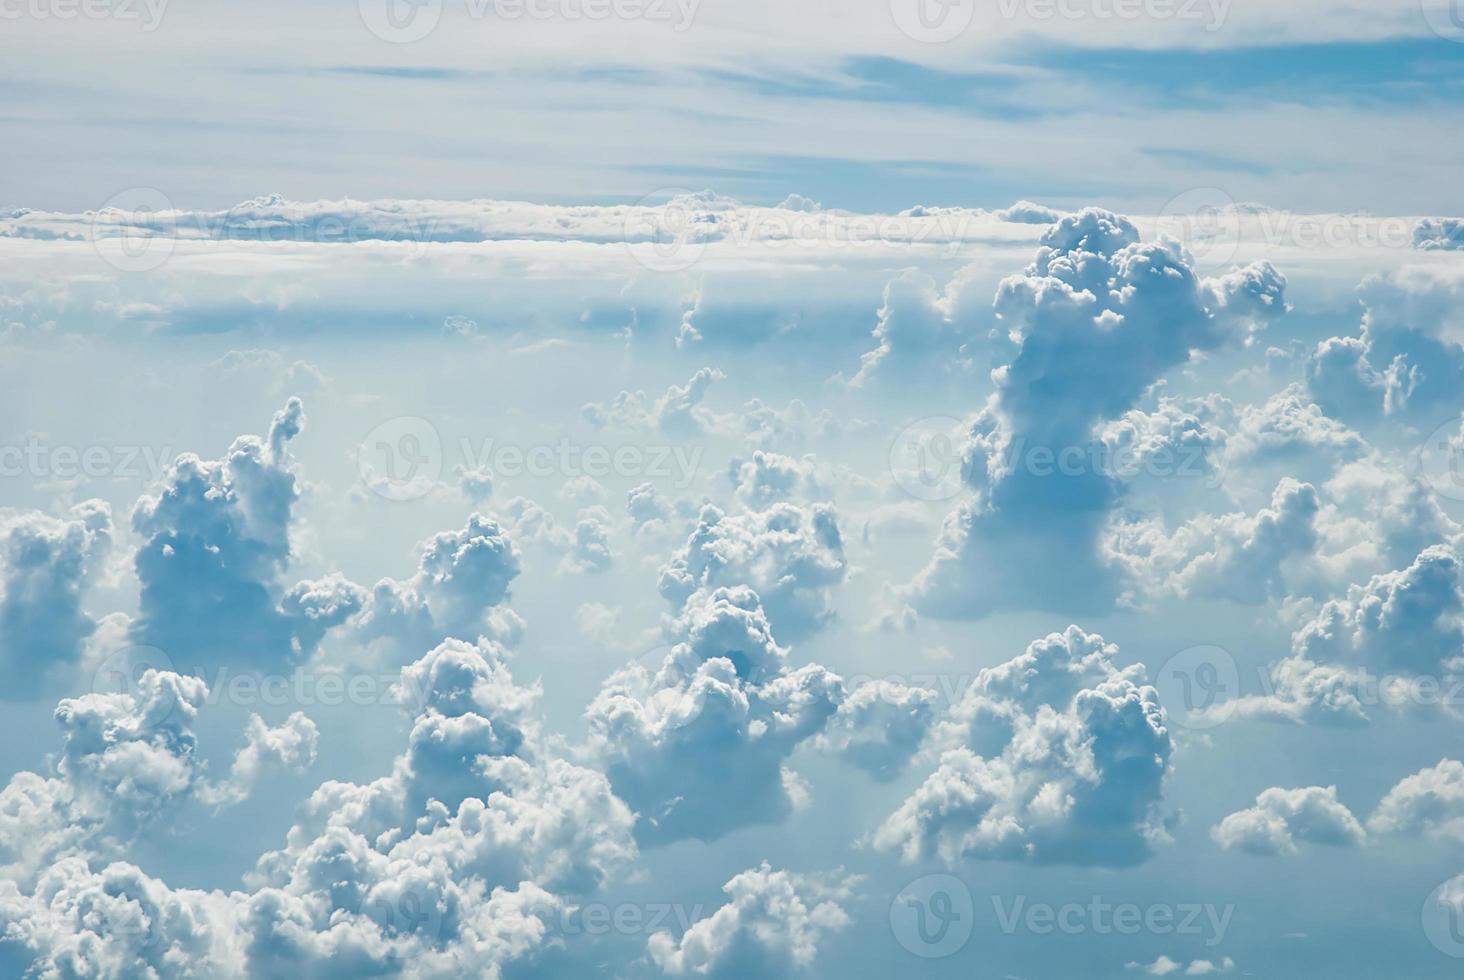 viele Wolken im blauen Himmel foto